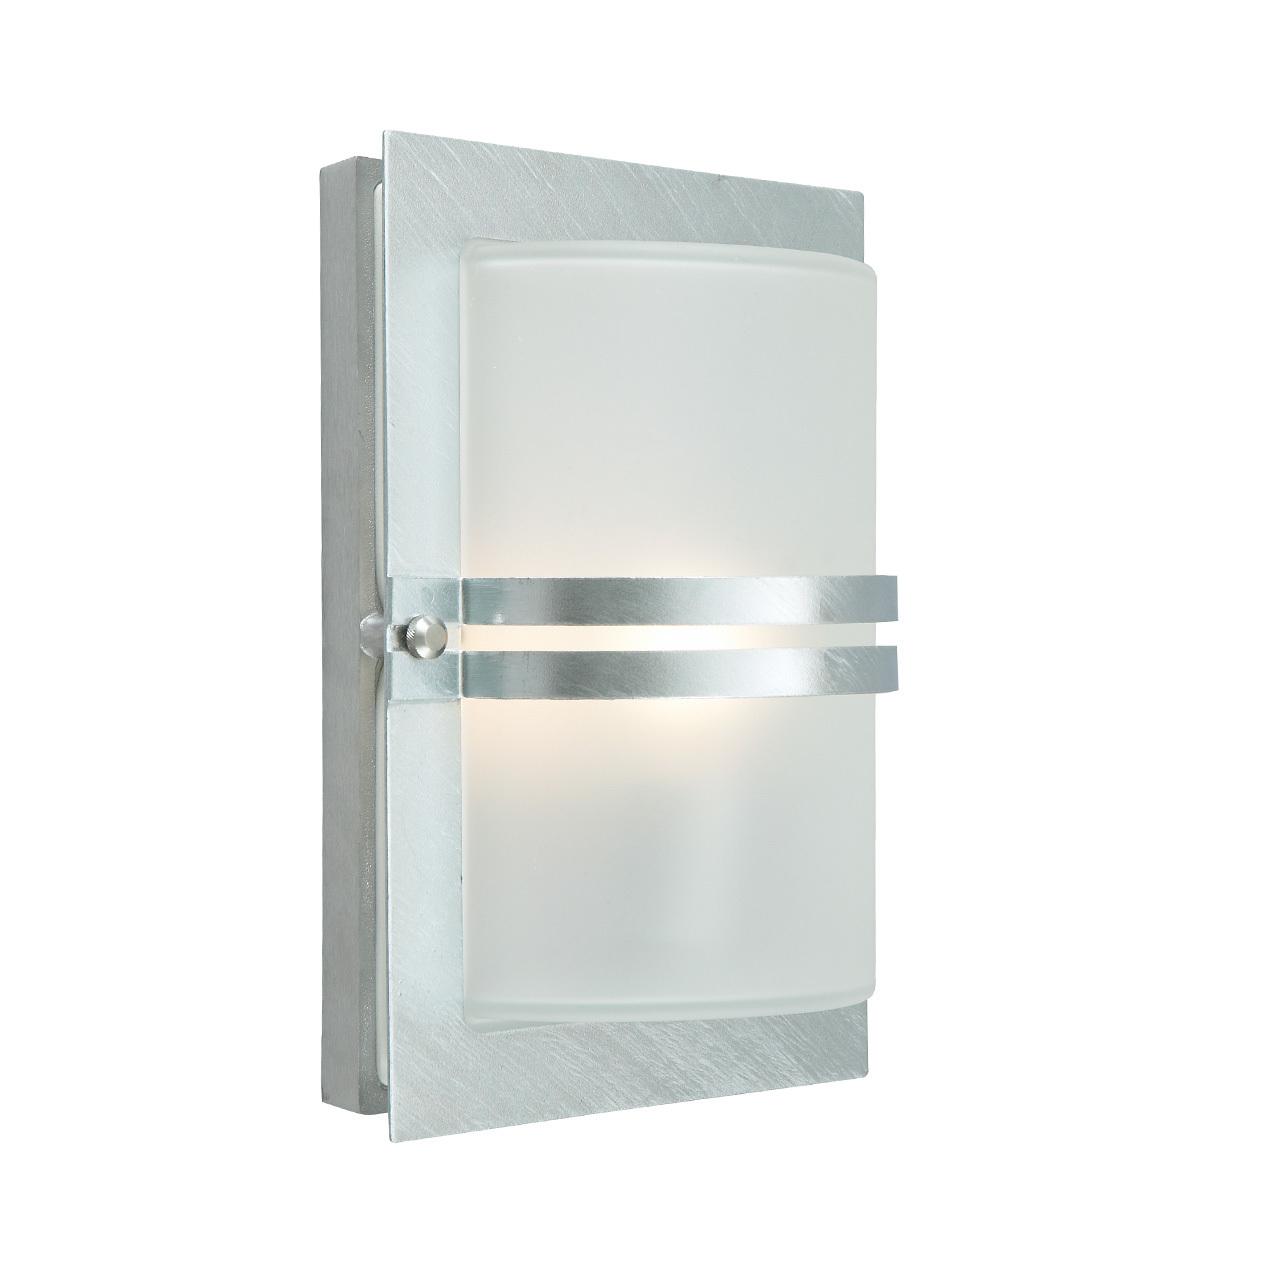 Lampa ścienna BASEL LED 681GA -Norlys  SPRAWDŹ RABATY  5-10-15-20 % w koszyku